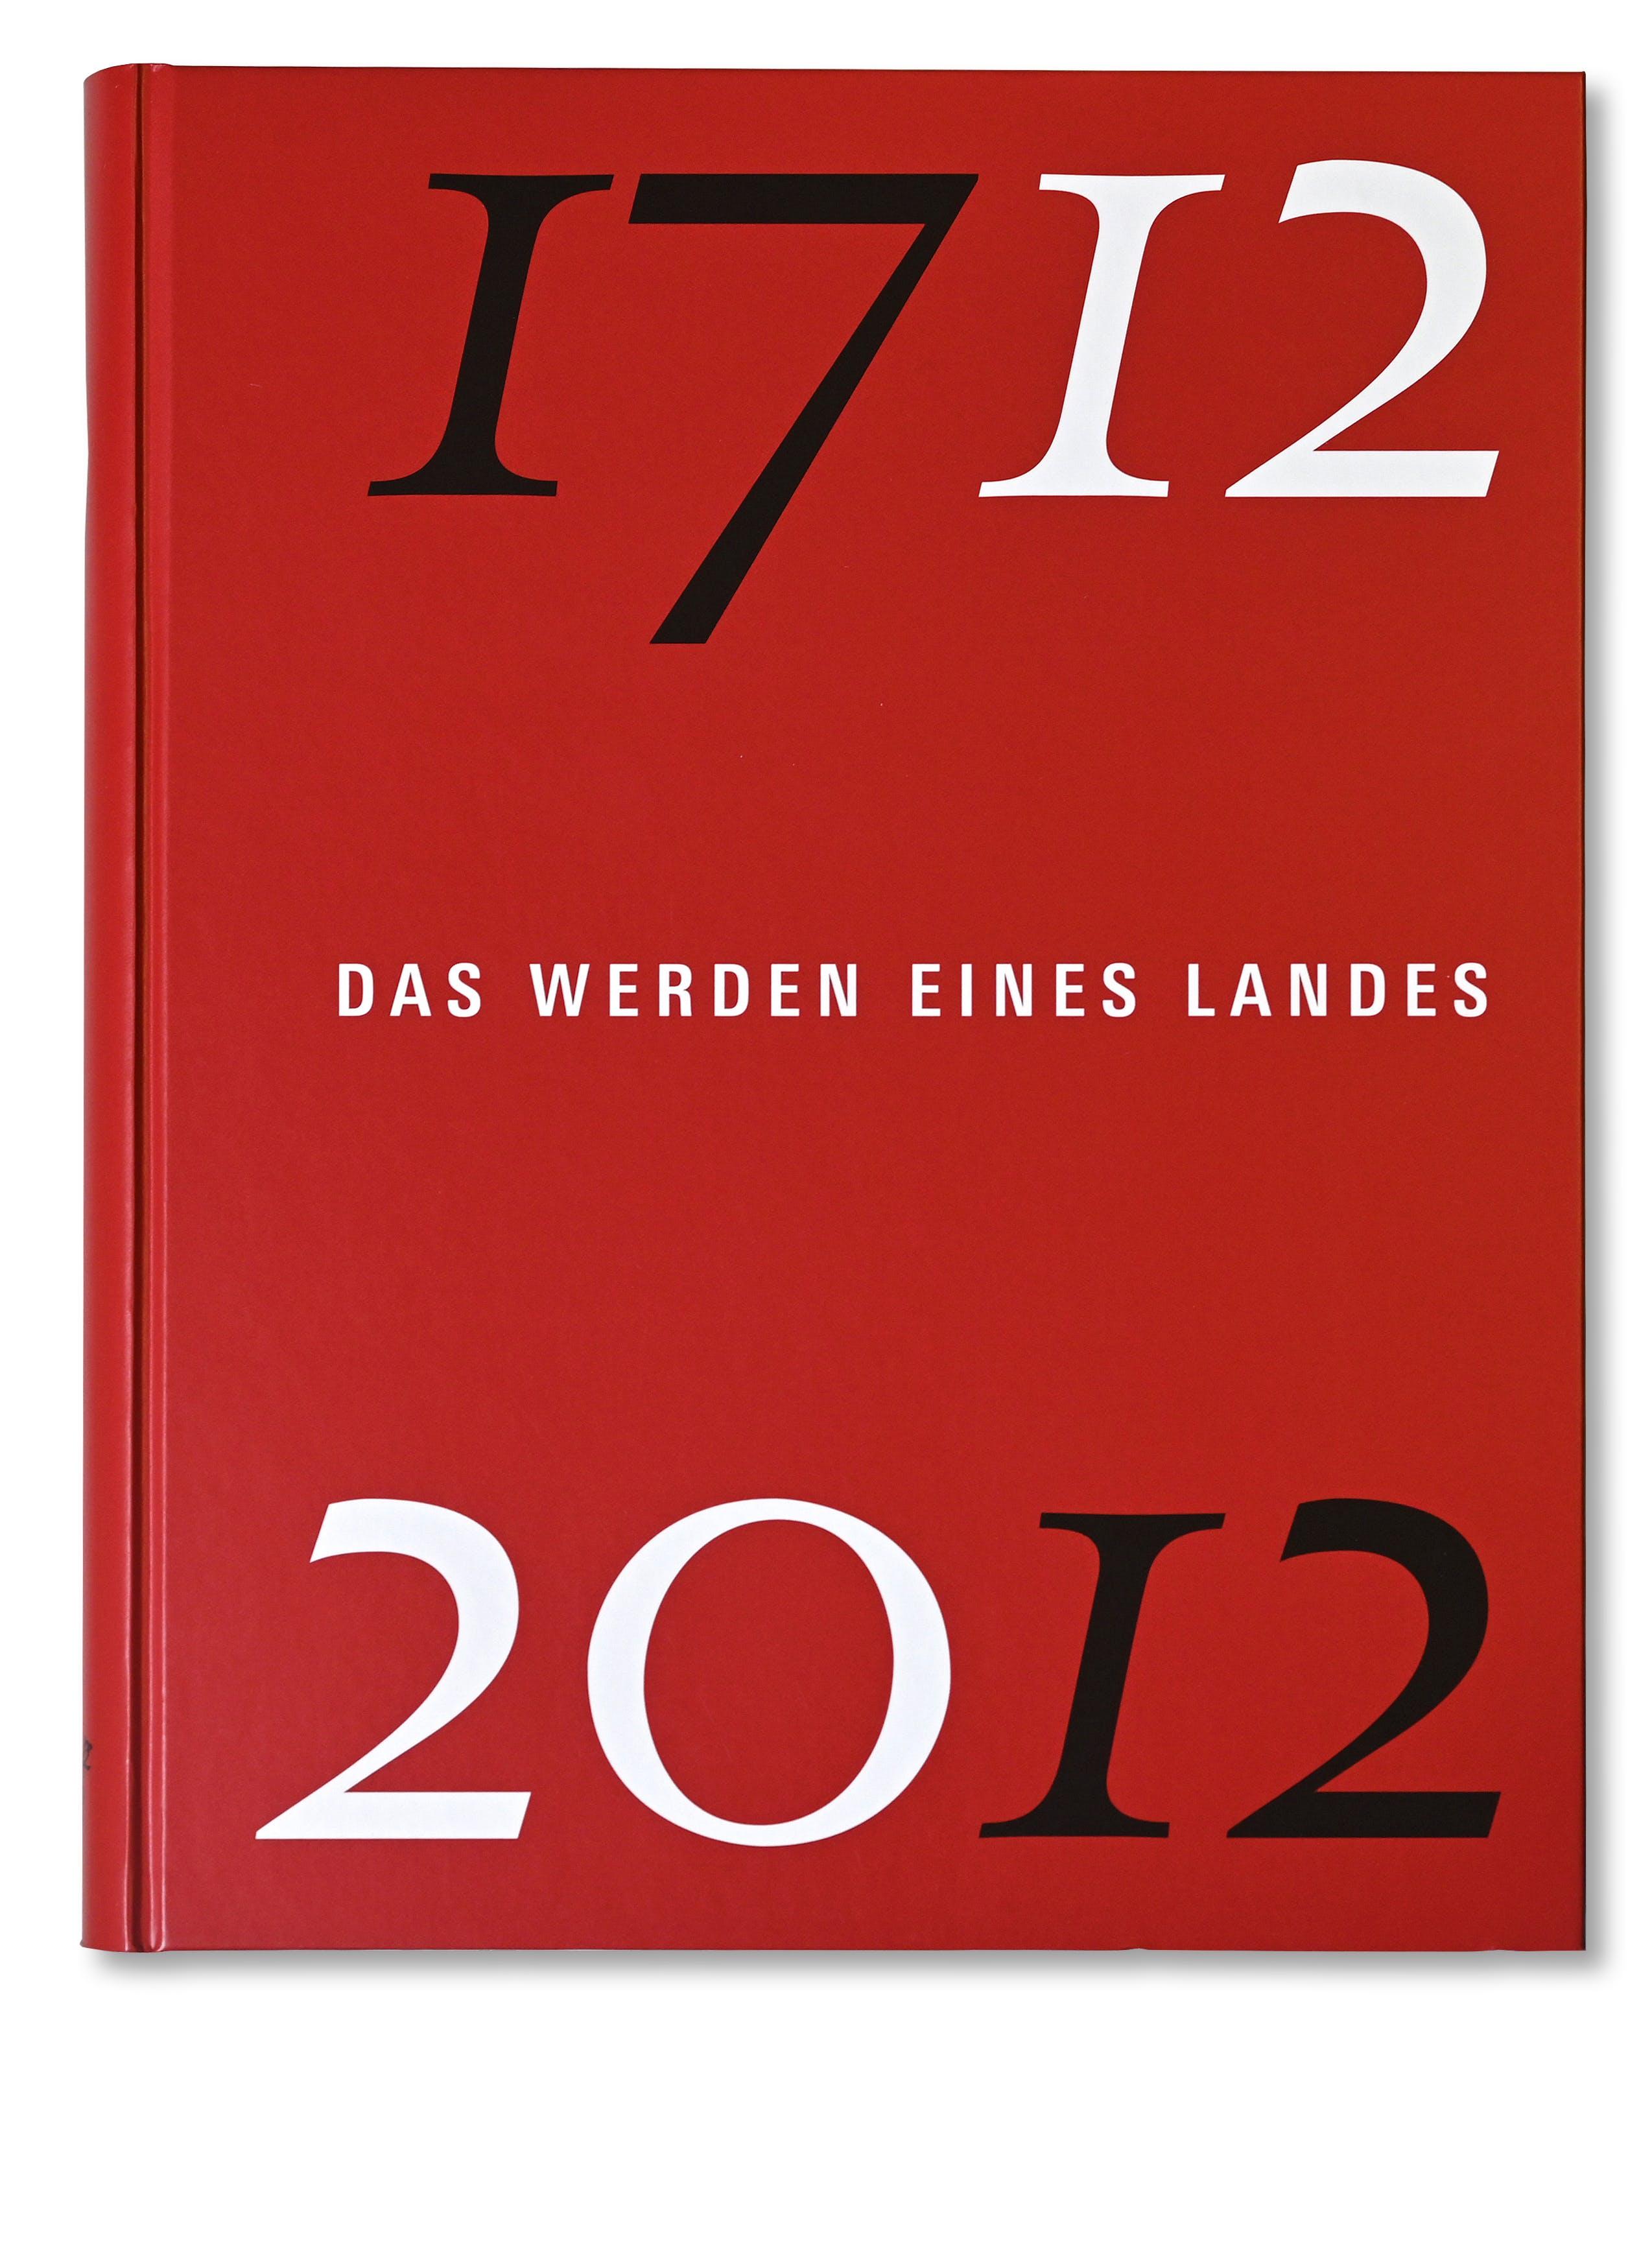 Publikation 1712 Das Werden eines Landes